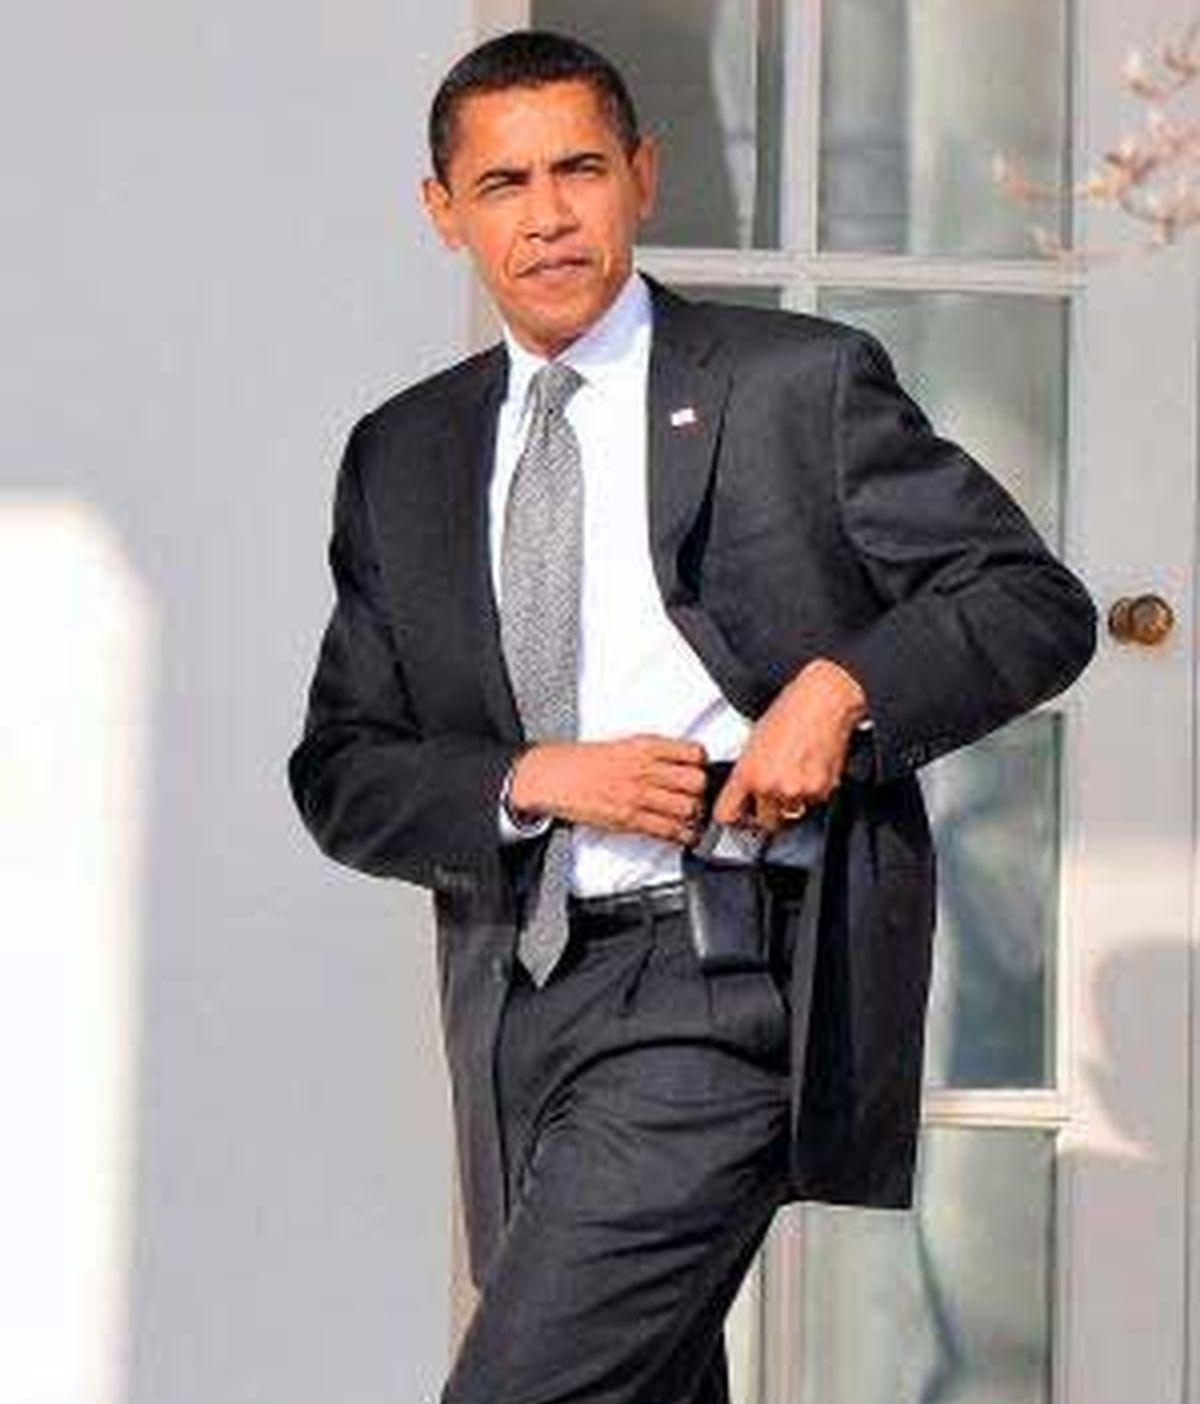 Barack Obama, en una imagen de archivo. Foto: EFE